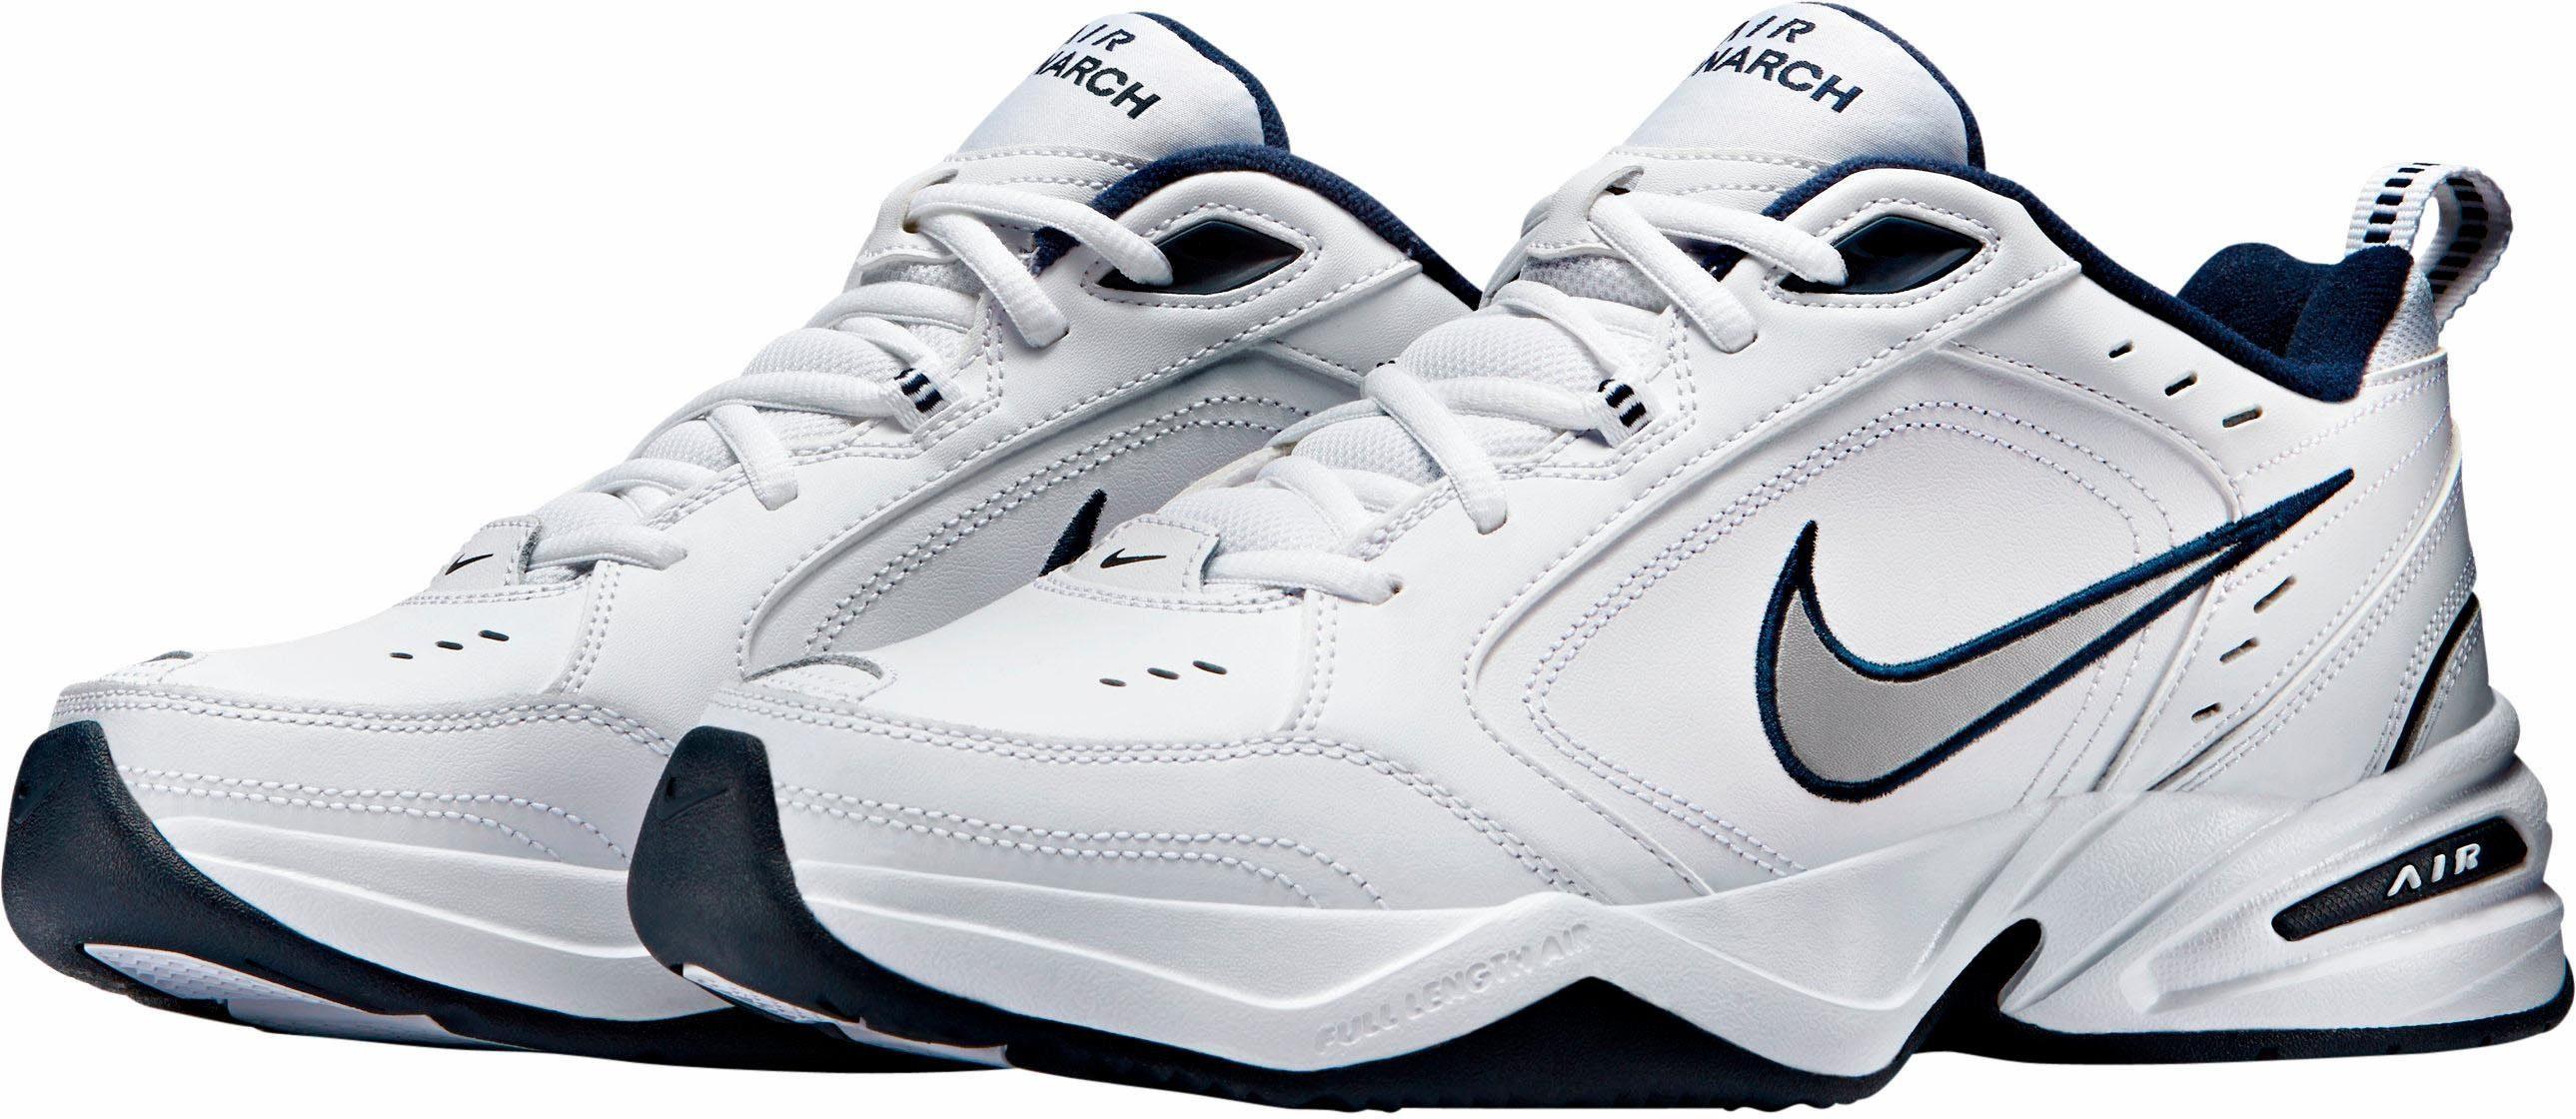 Nike »Zoom Domination Tr 2« Trainingsschuh, Angenehmer Tragekomfort online kaufen | OTTO